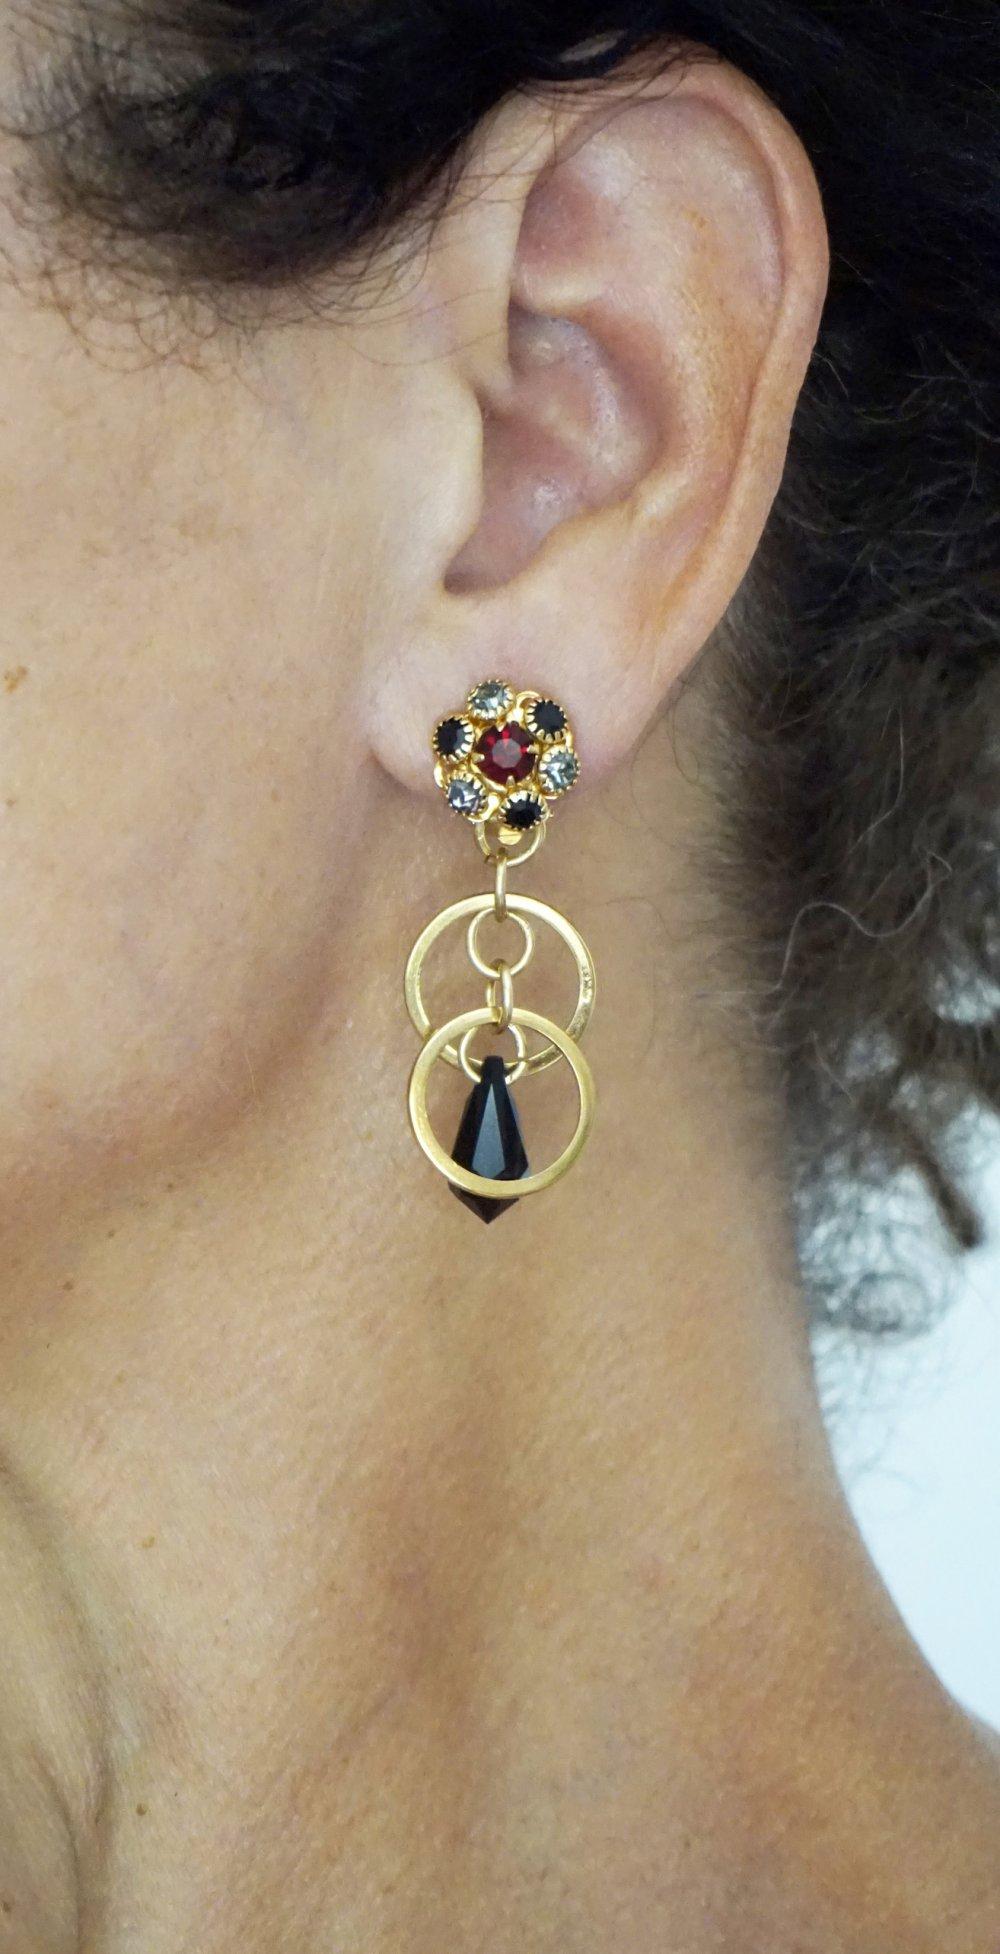 CLIPS Boucles d'oreilles Clip Vintage Cristal Noir Rouge & Metal doré Goutte cristal Bijoux créateur Création Française